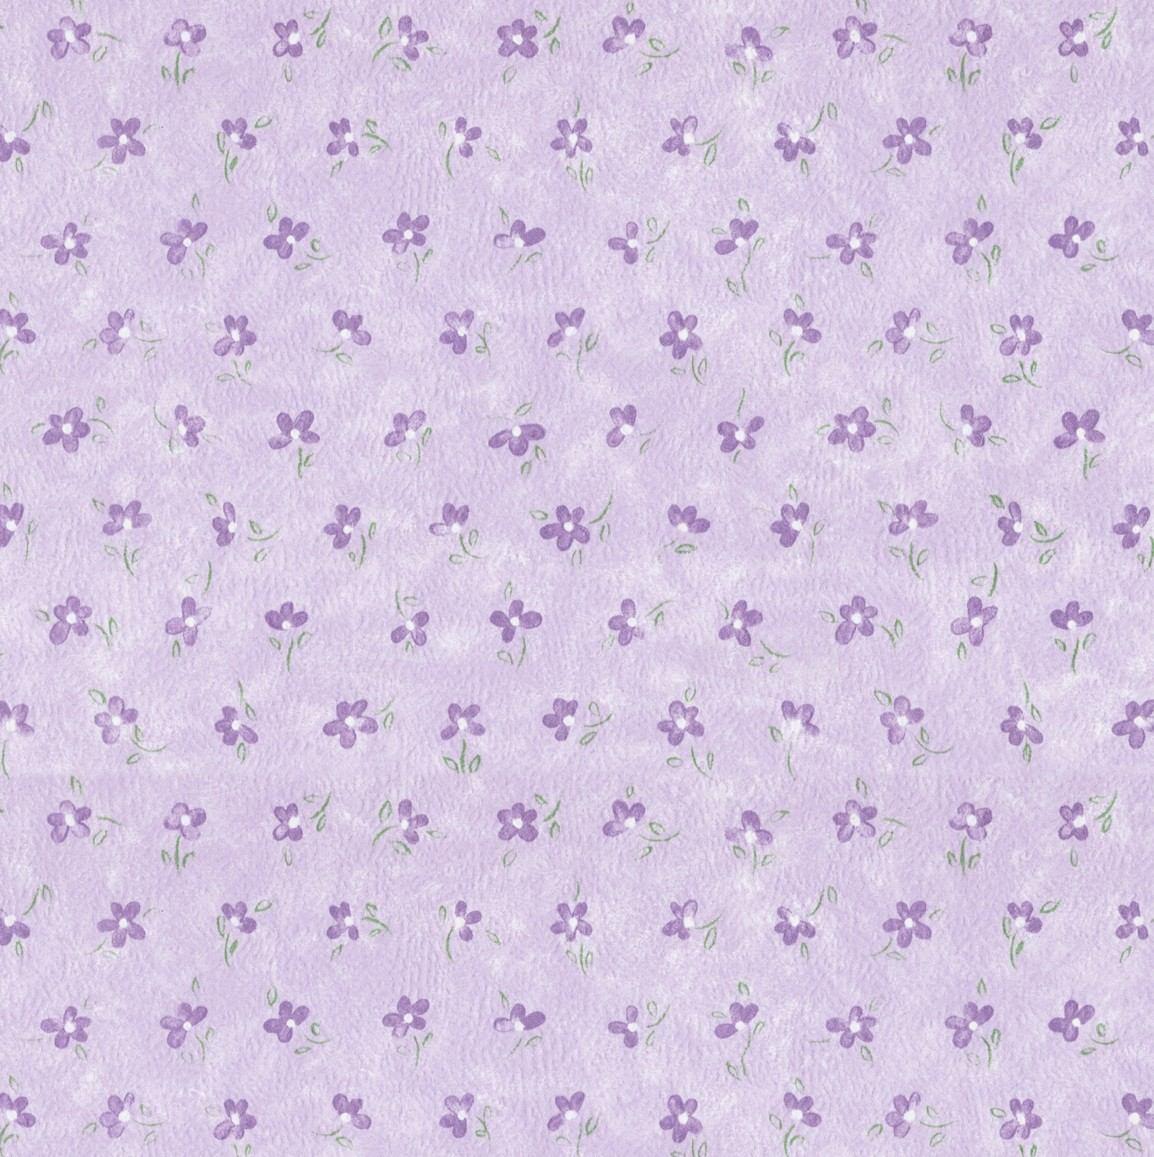 Papel de parede floral lil s 10 metros x 52cm bobinex - Papel autoadhesivo para paredes ...